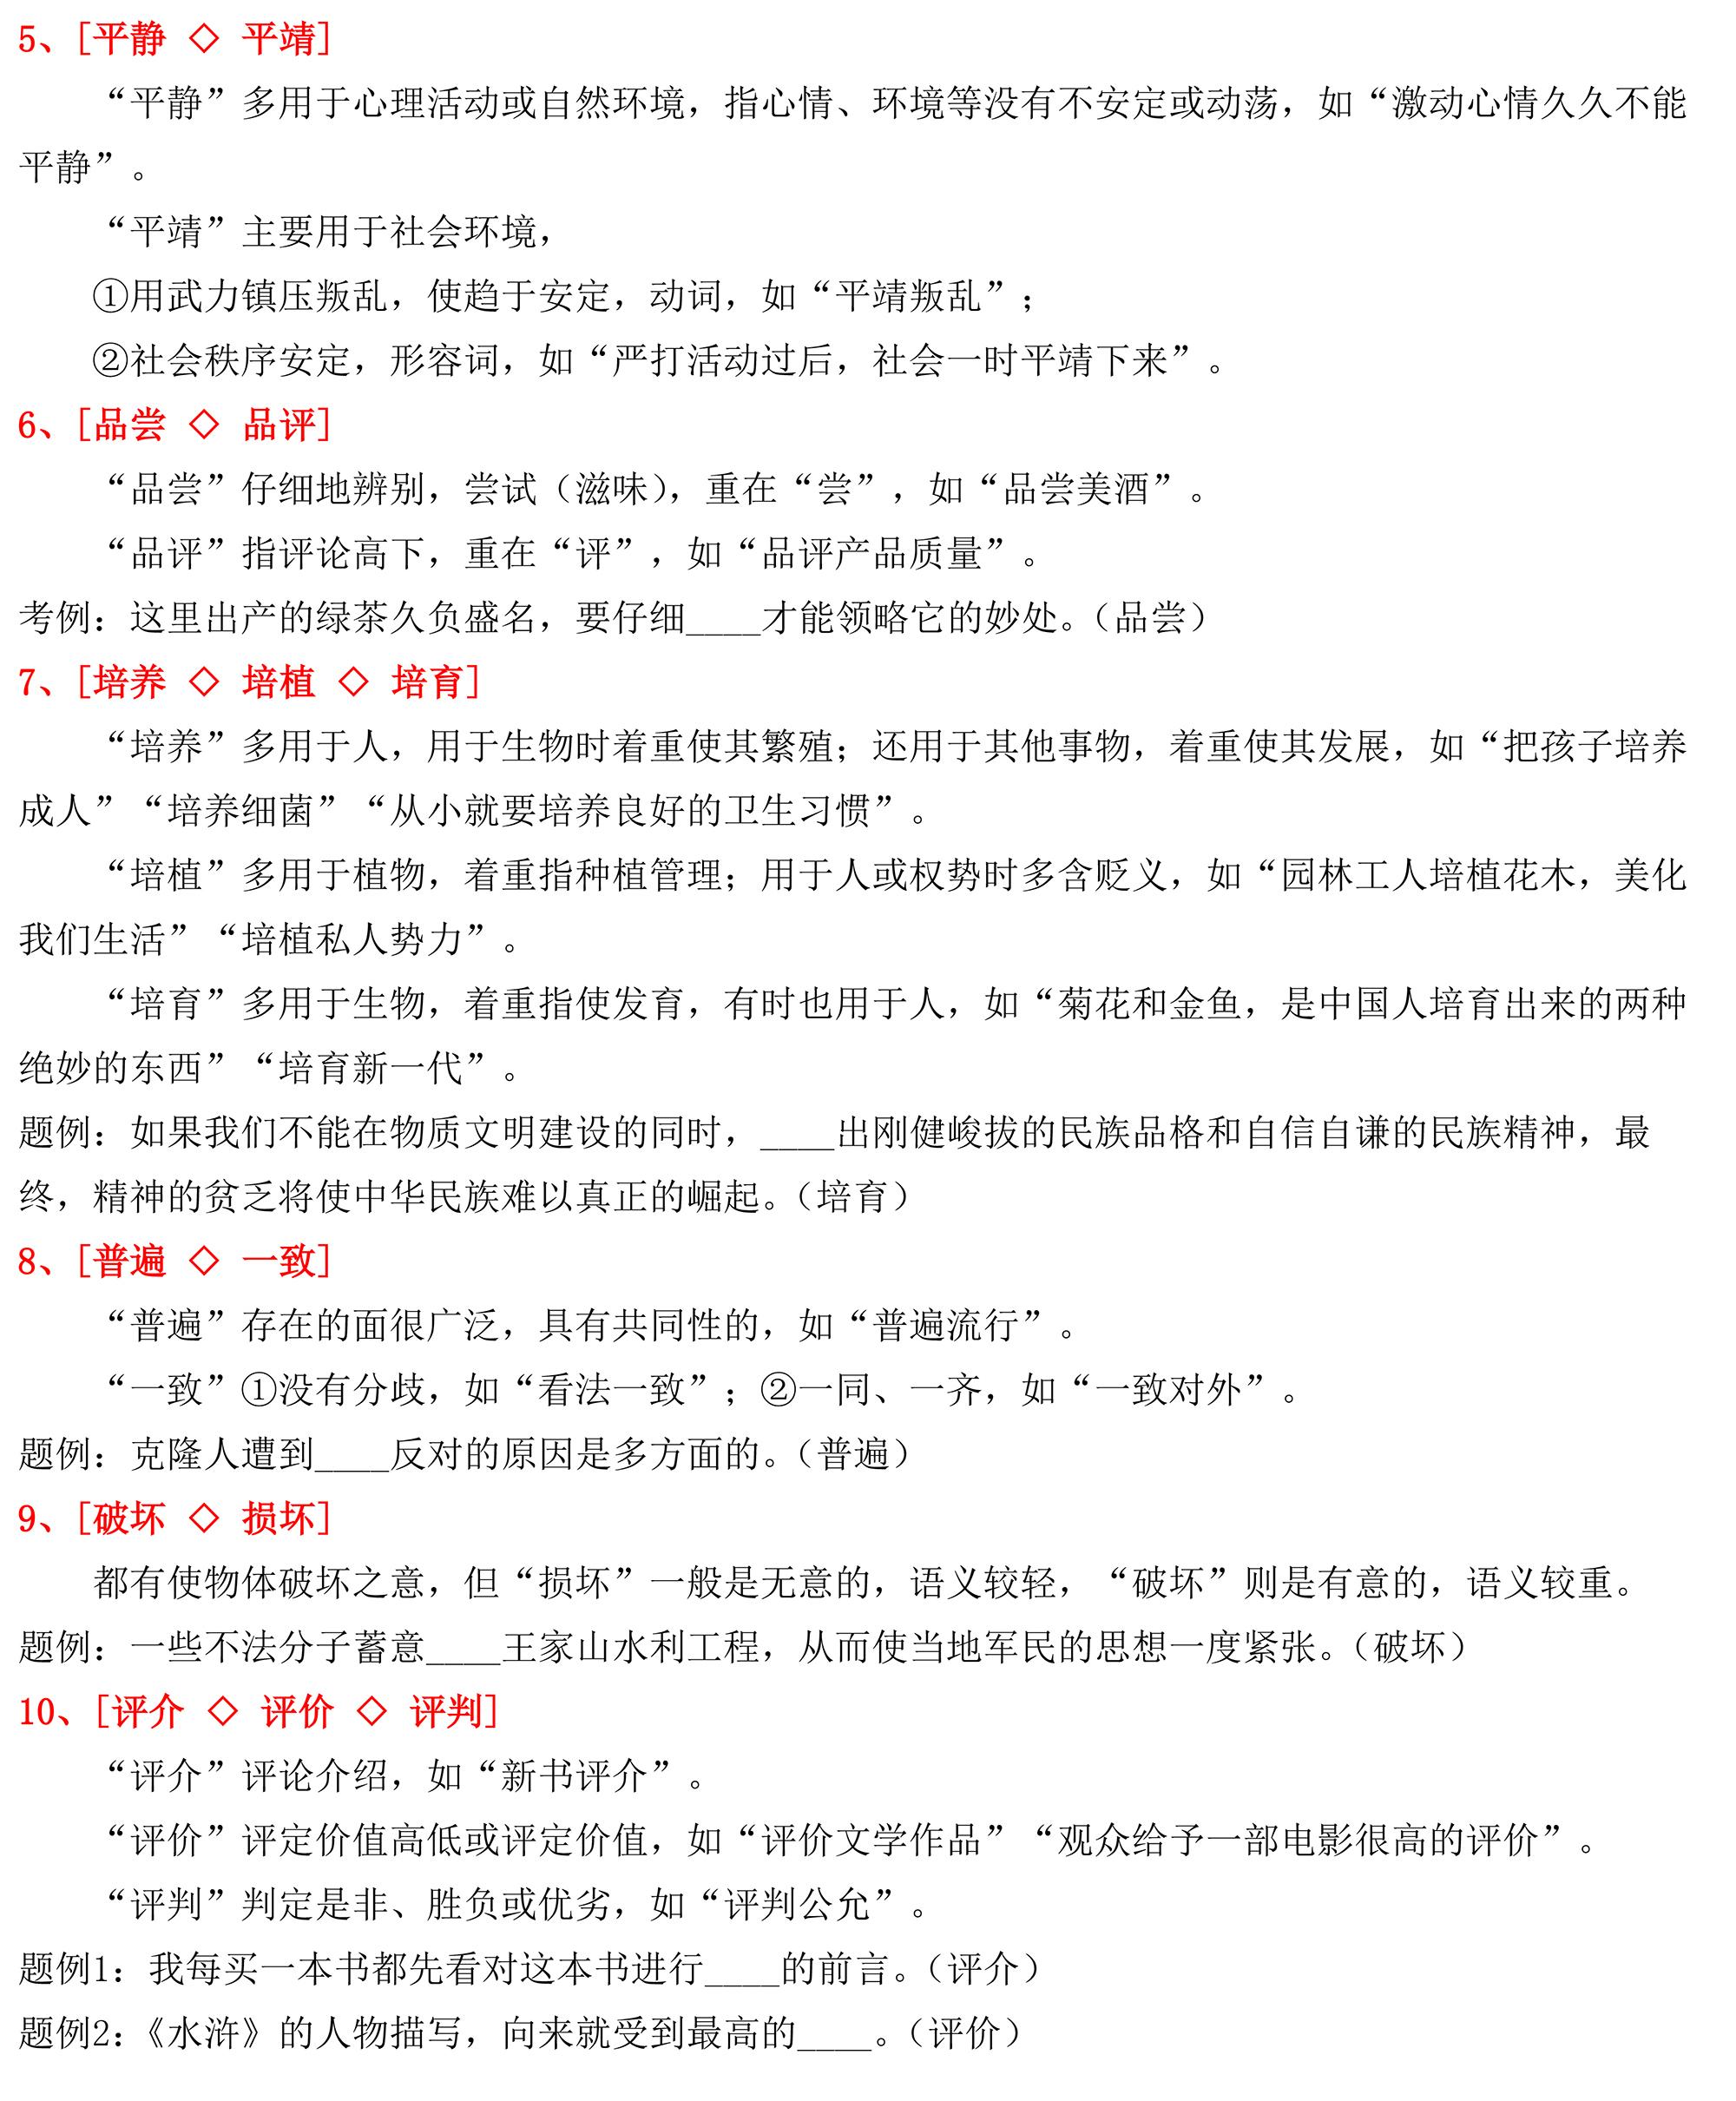 2-3:易混淆辨析 - 实词 - 打印版(O-T)-2.jpg